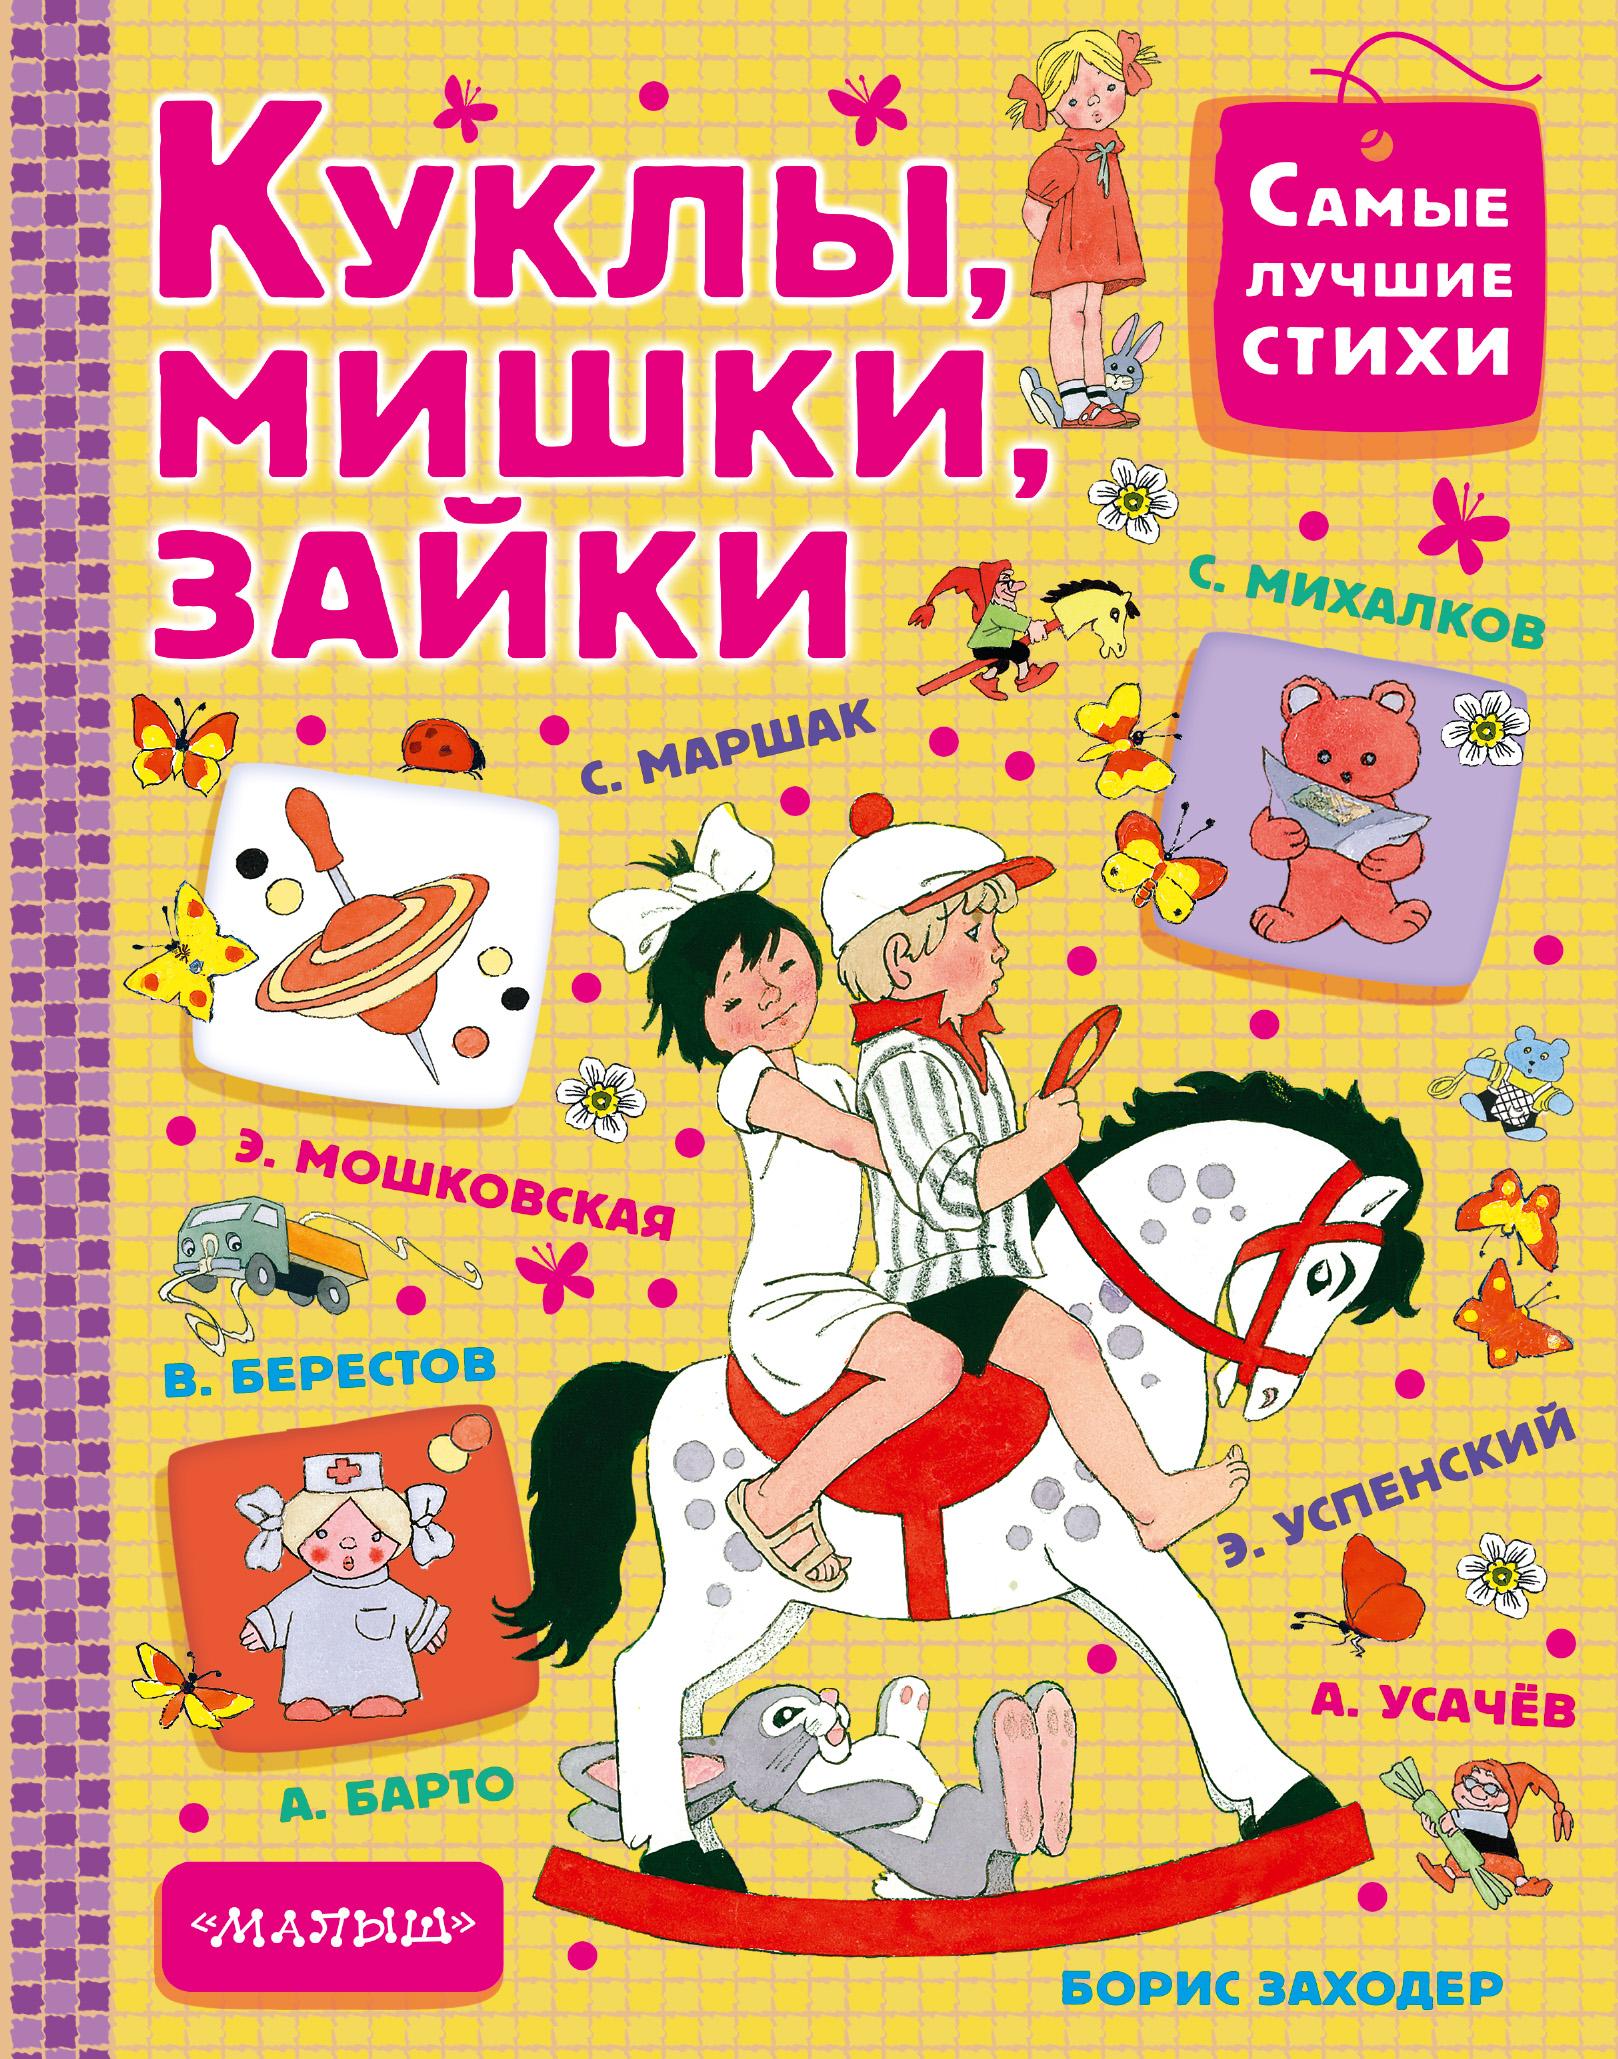 С. Маршак, С. Михалков, А. Барто, Э. Успенский и др. Куклы, мишки, зайки куклы мишки зайки